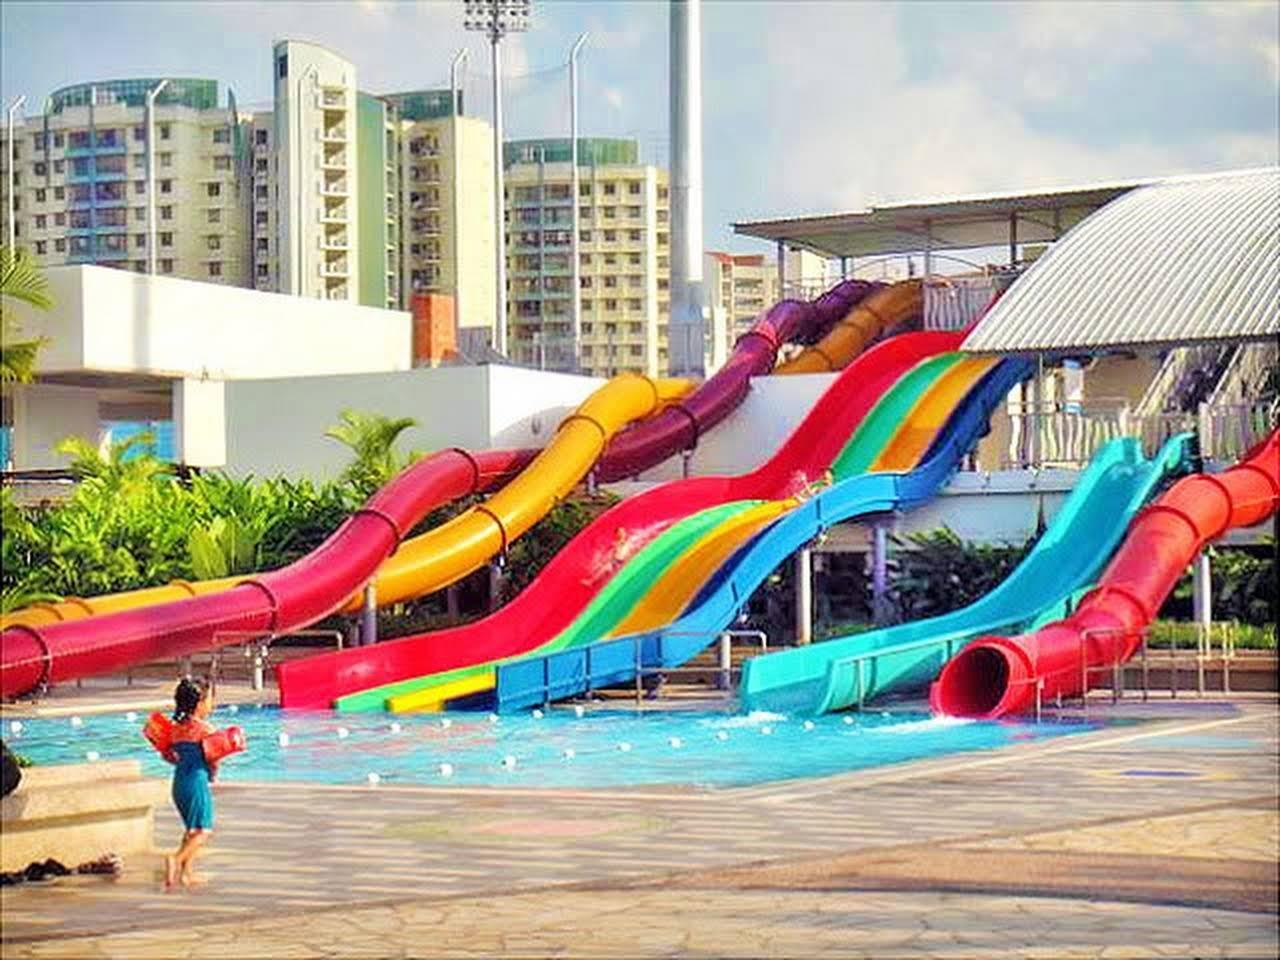 Waterpark Facilities